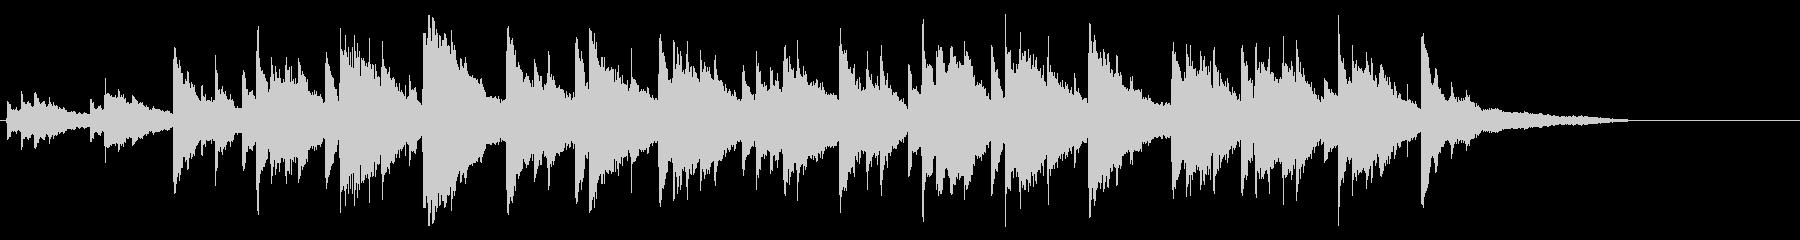 夕星の歌(ワーグナー)*ピアノ独奏の未再生の波形